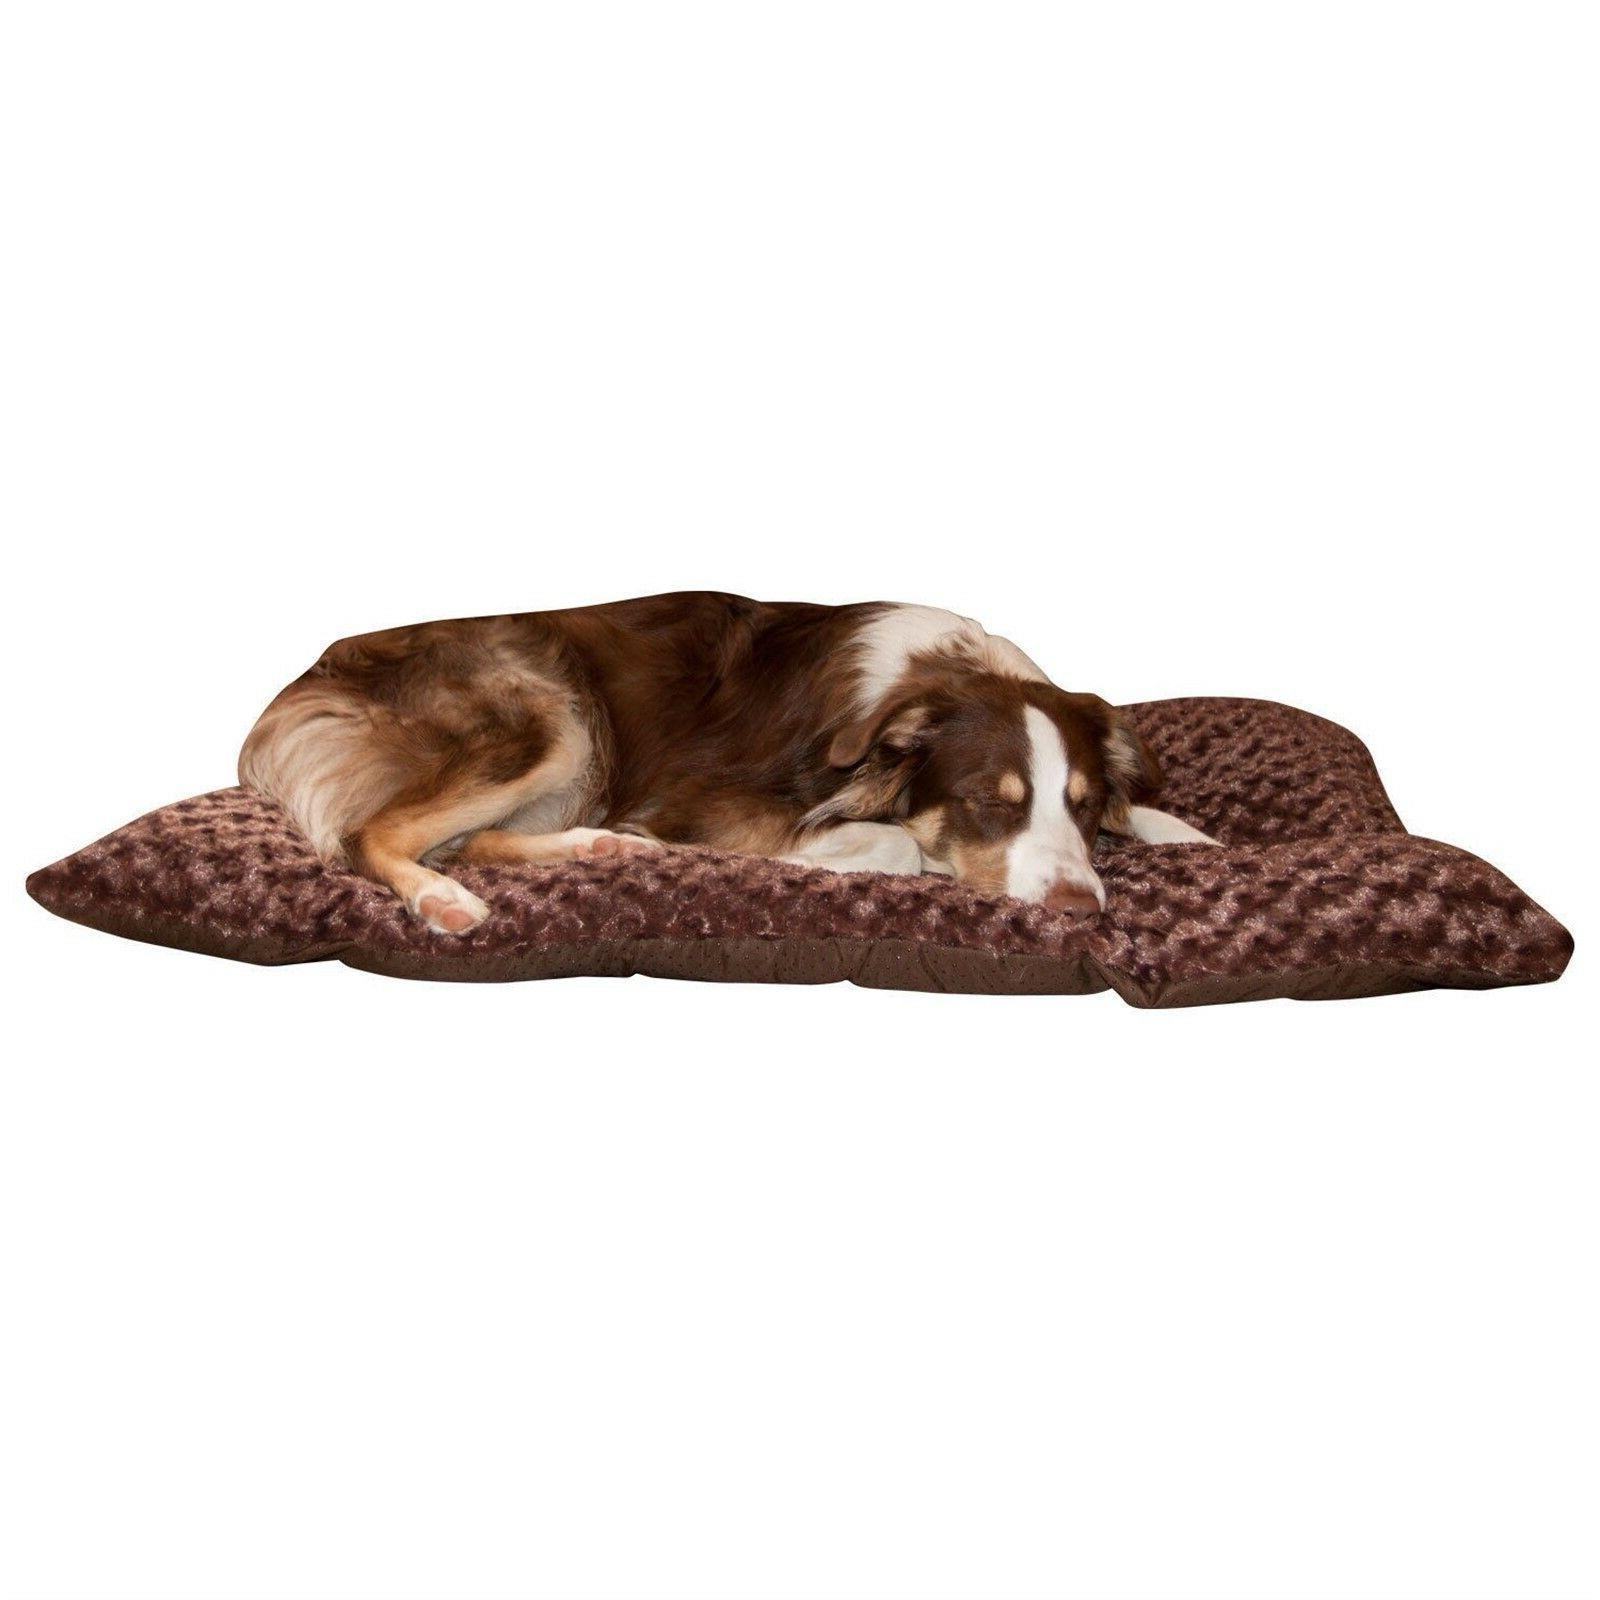 Cushion Pillow Furry Pet Dog Bed Chocolate Large 24 x 36 inc